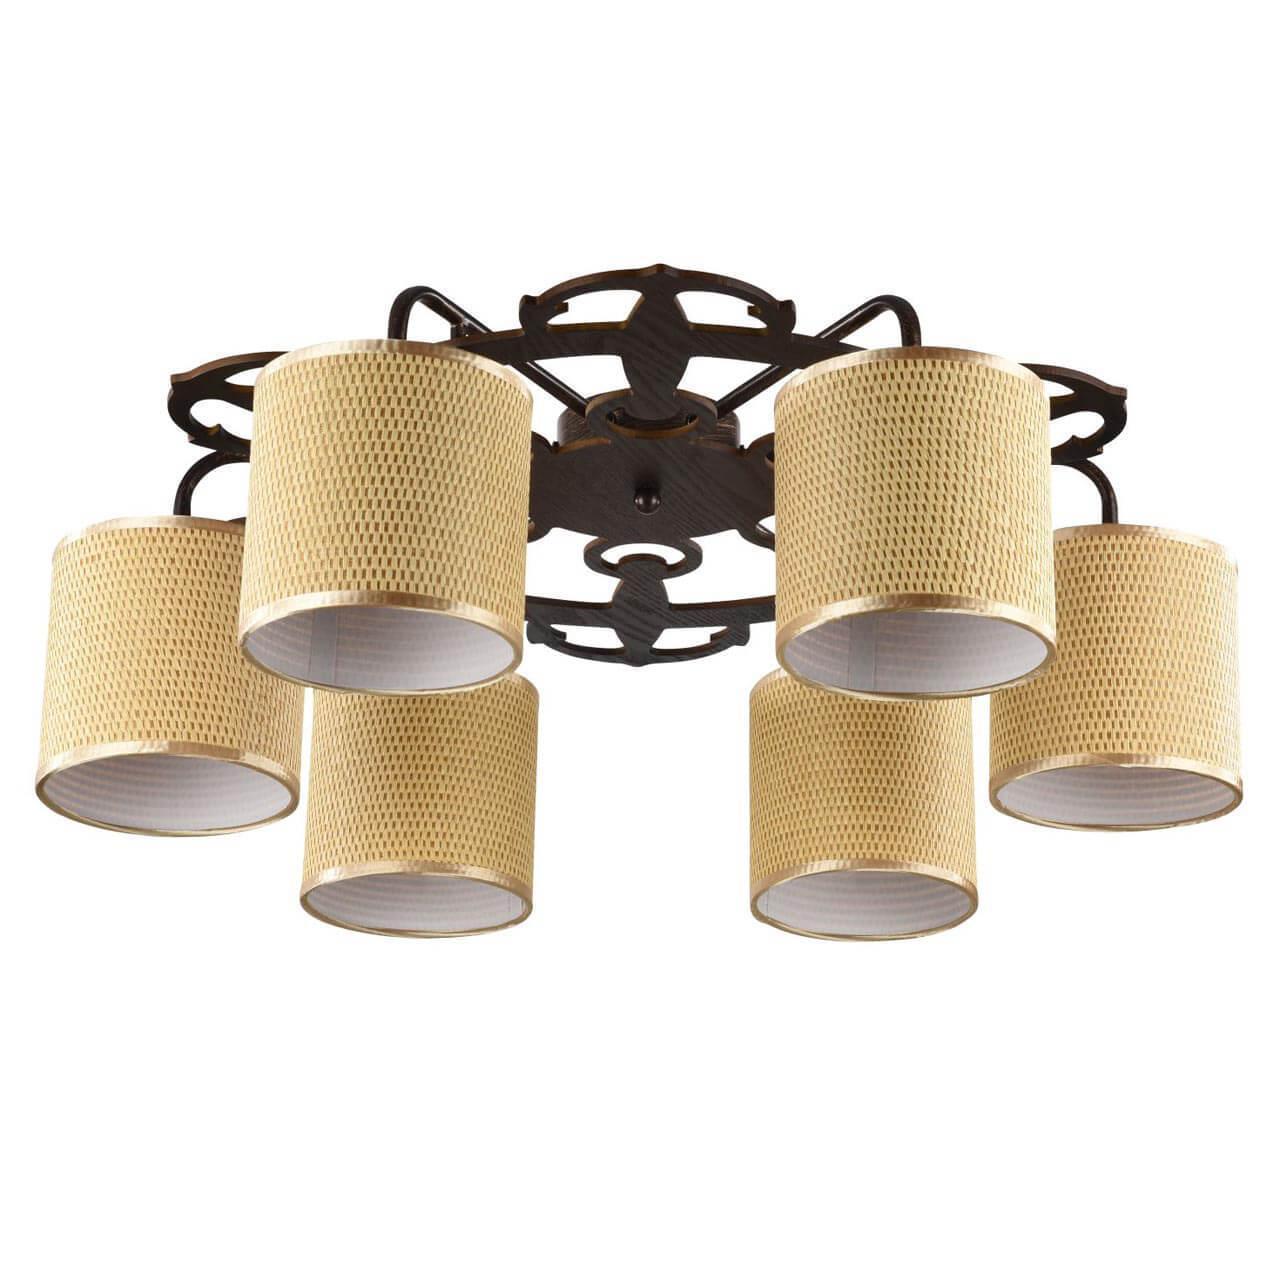 Потолочный светильник Freya FR5100-CL-06-BR, E14, 40 Вт потолочная люстра freya fr5100 cl 06 br